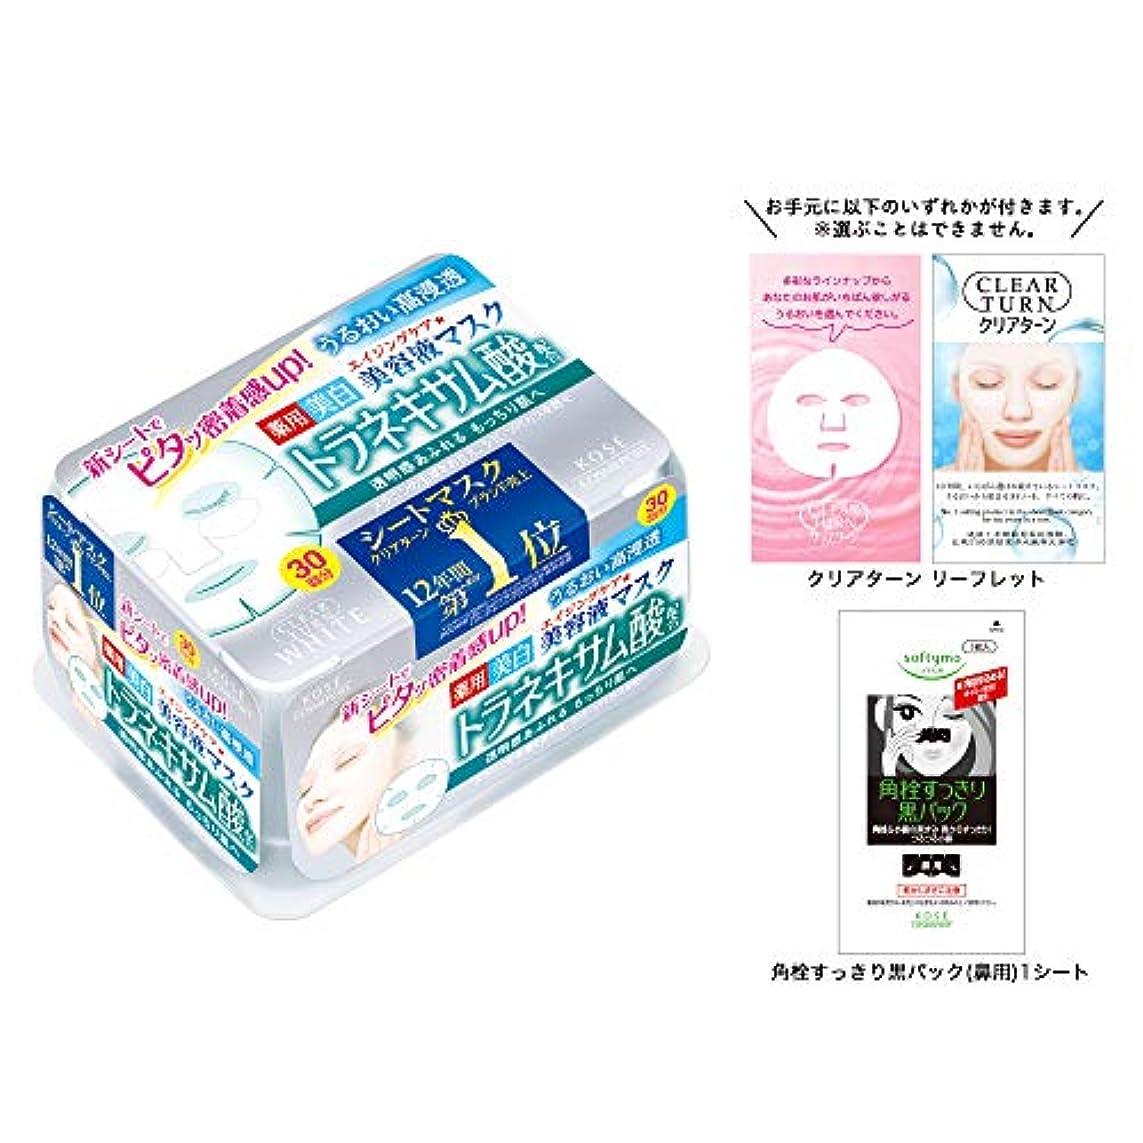 聡明最高楽観的【Amazon.co.jp限定】KOSE コーセー クリアターン エッセンス マスク (トラネキサム酸) 30枚 おまけ付 フェイスマスク (医薬部外品)